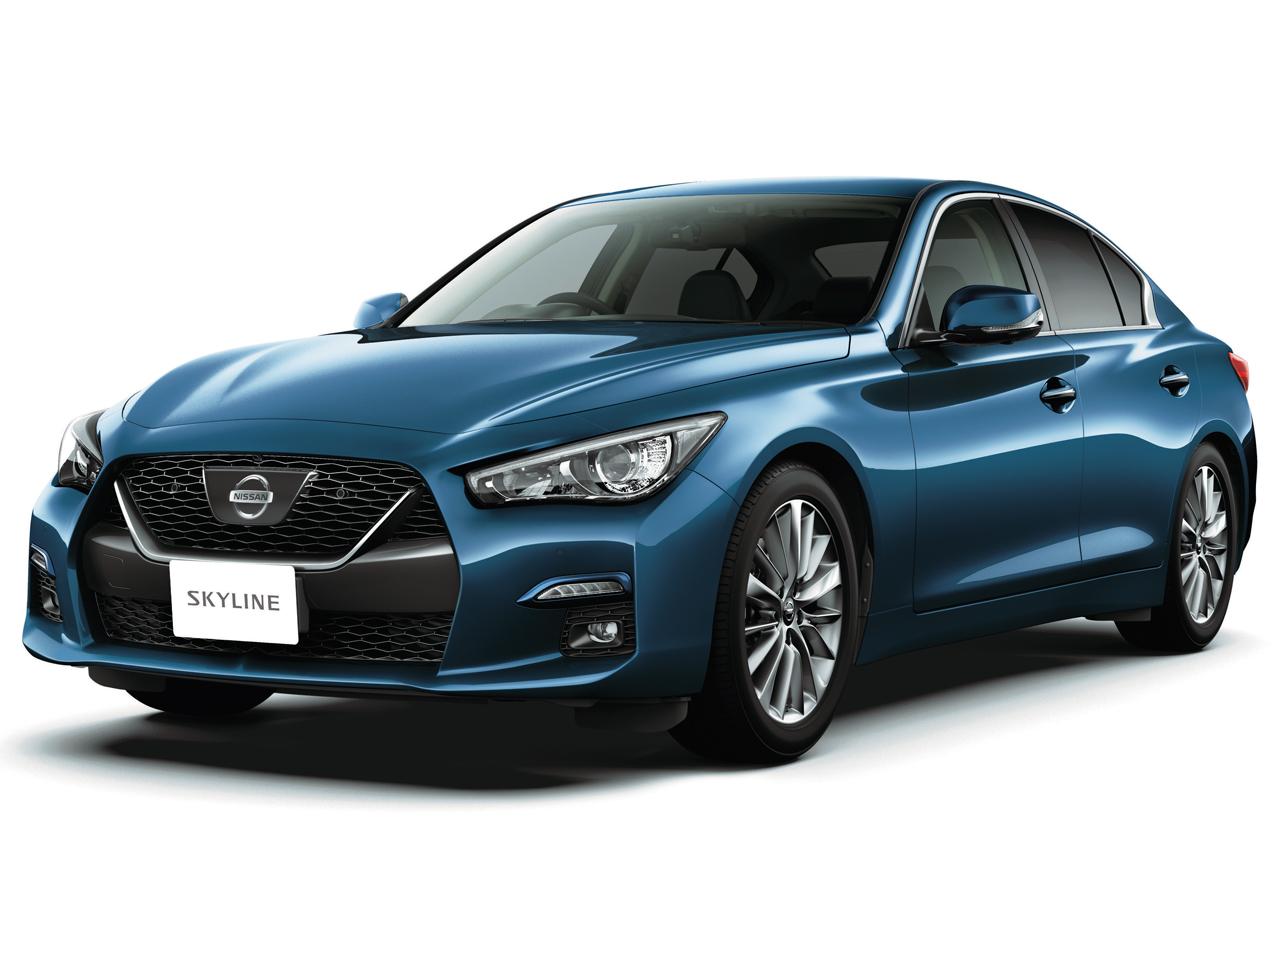 日産 スカイライン 2014年モデル 新車画像